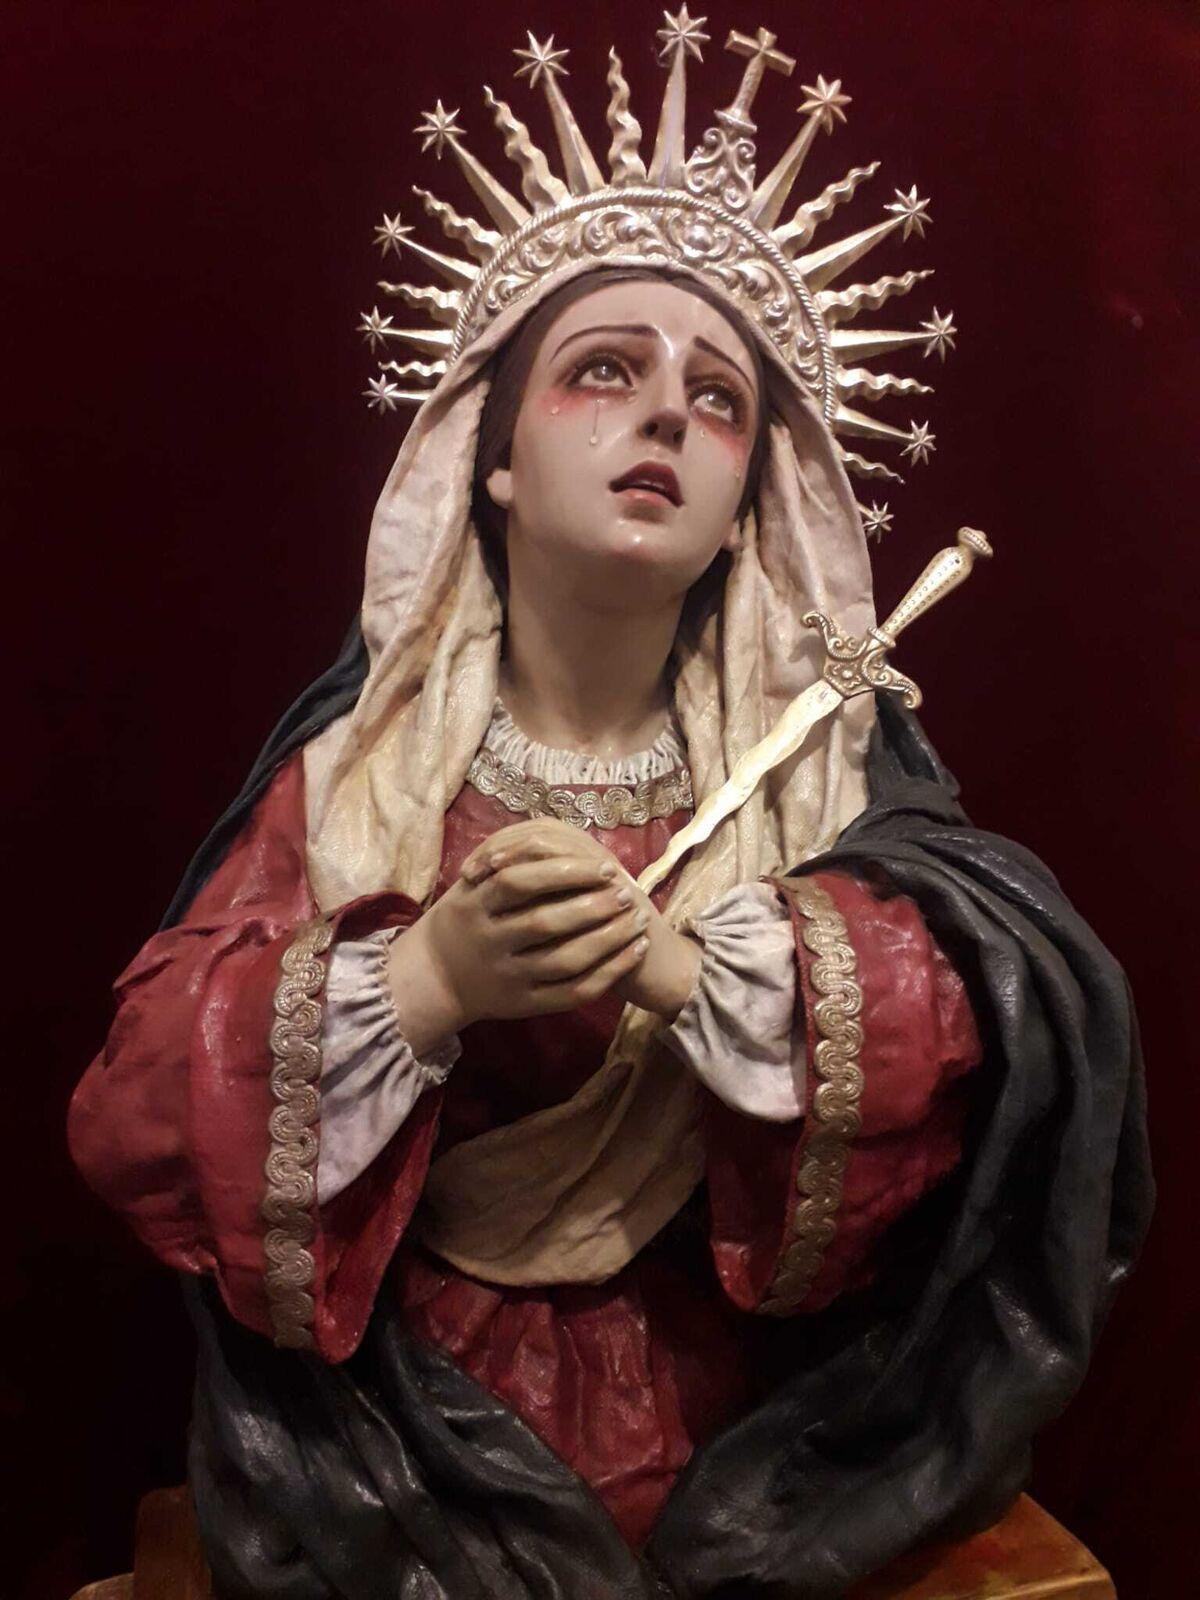 Dolorosa realizada por Luis González Rey en 1987, su primera obra.